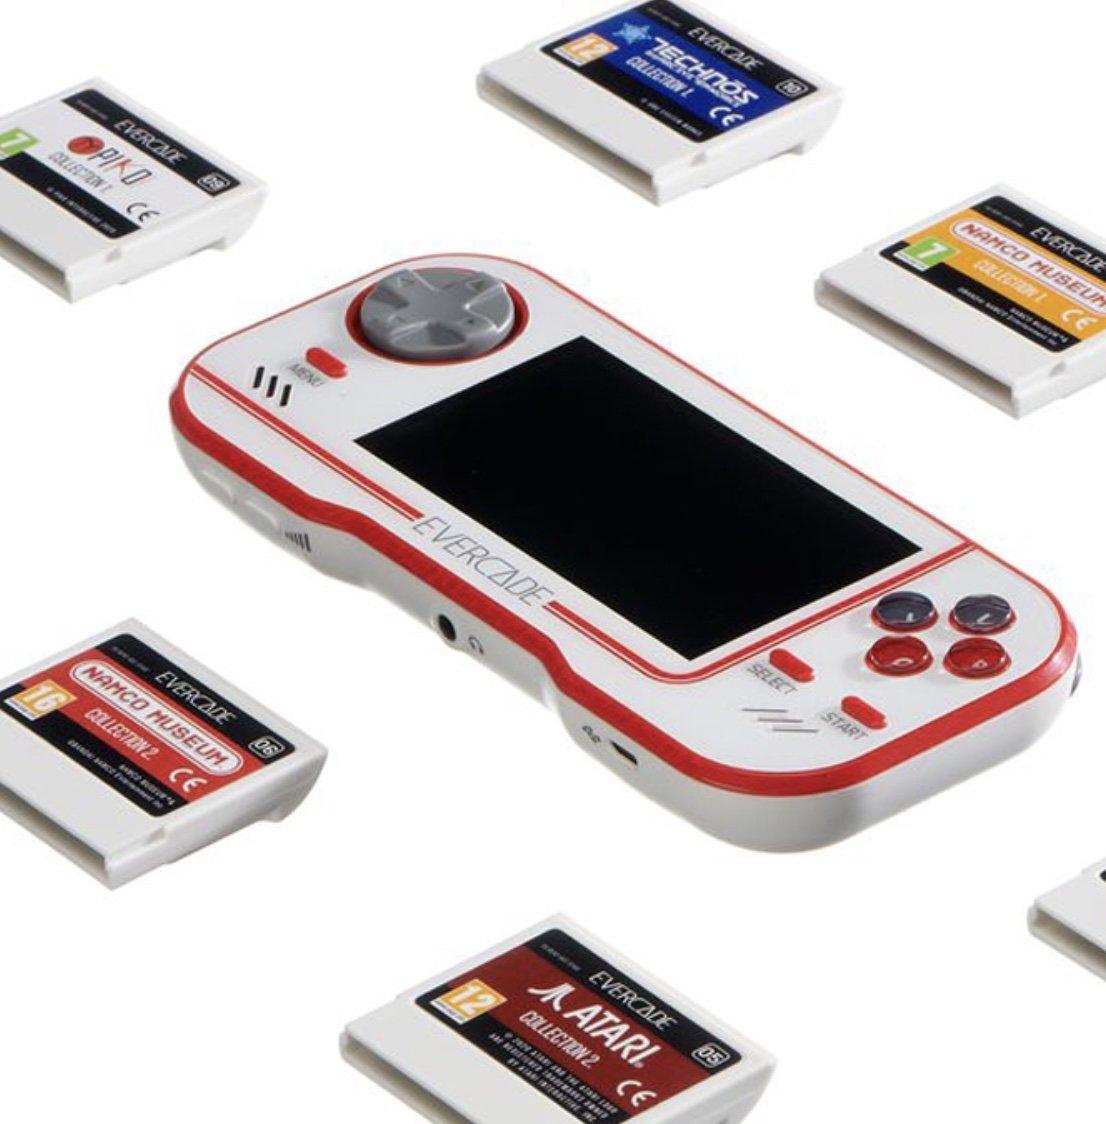 Evercade mobil cihaz.  (Blaze Entertainment'ın izniyle)